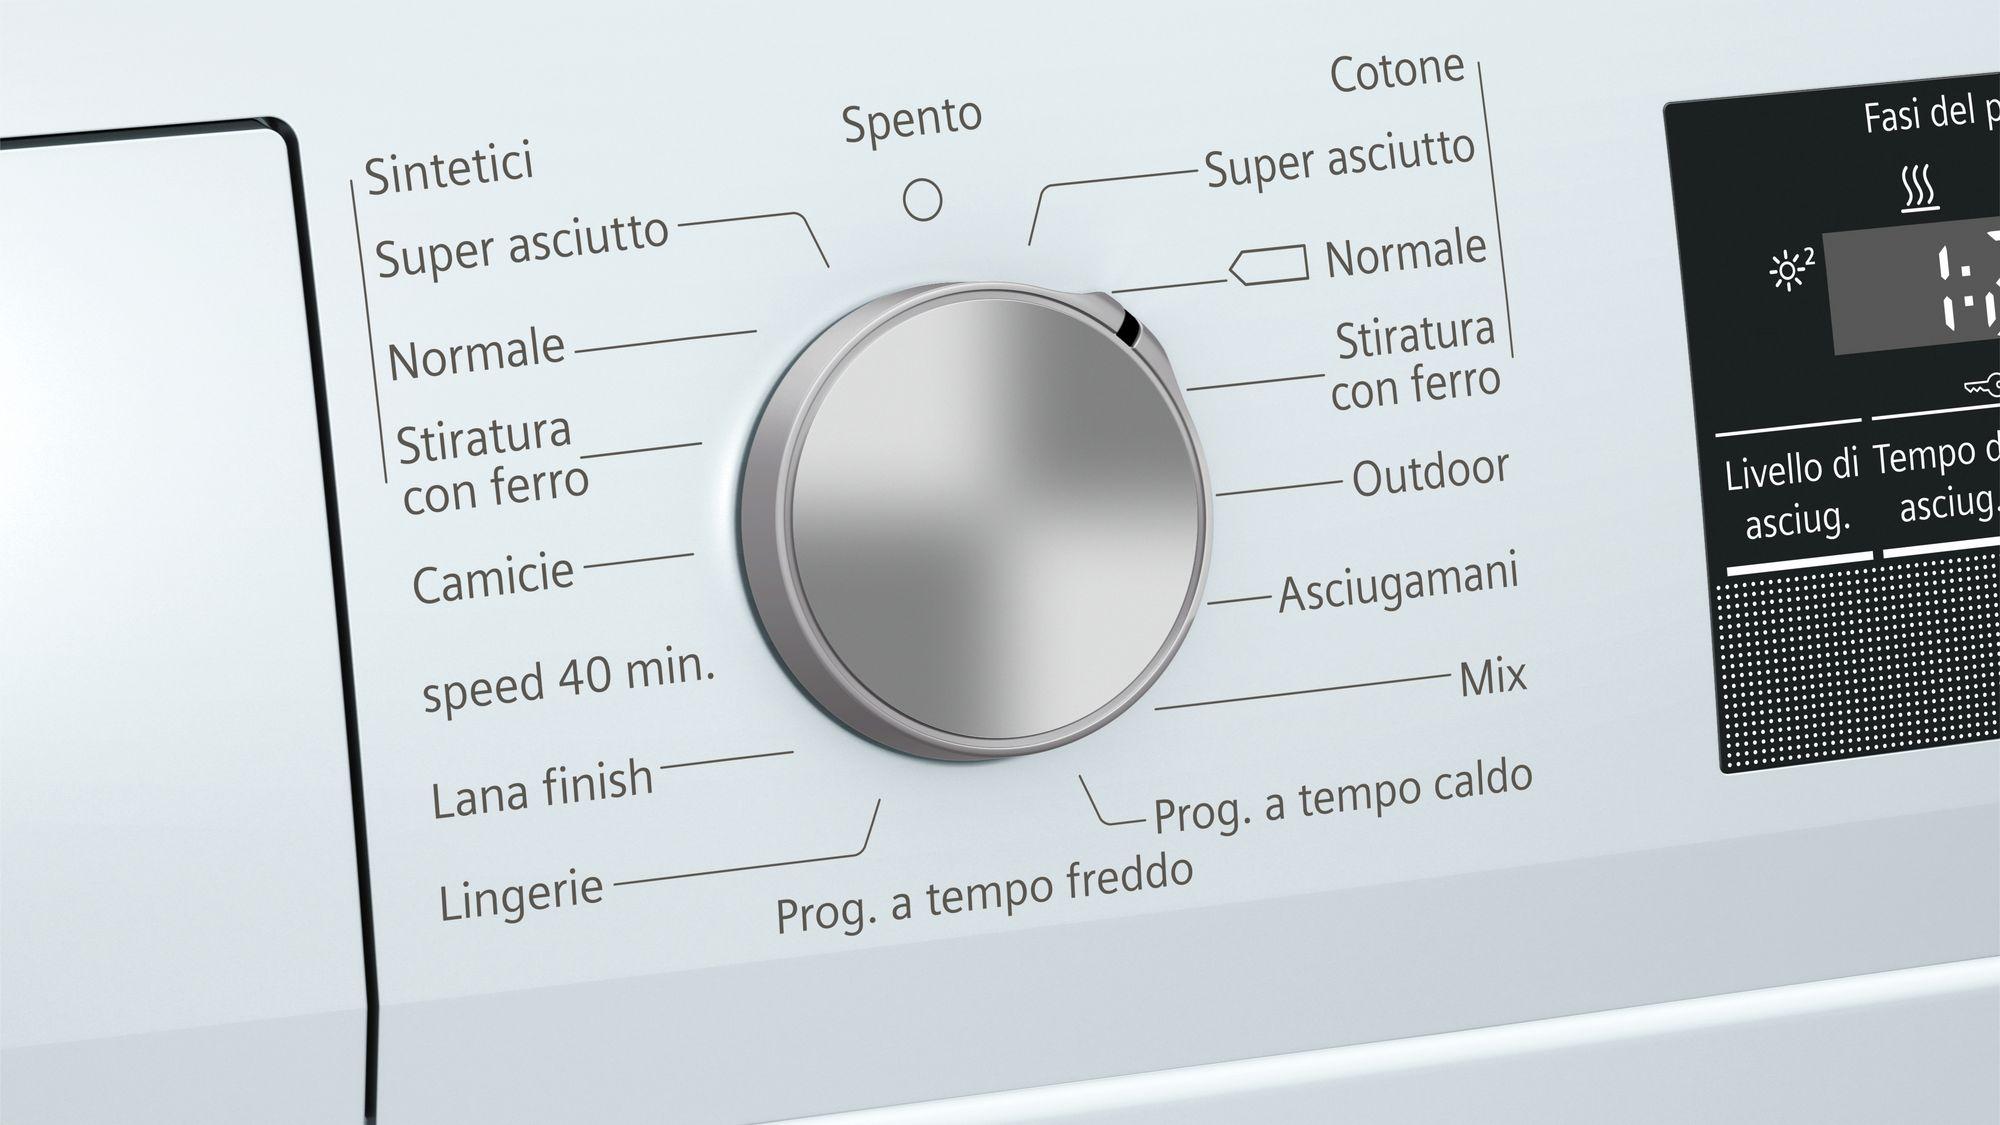 Asciugatrice Migliore Marca 2017 recensione asciugatrice siemens iq300 wt45rv07it - consigli